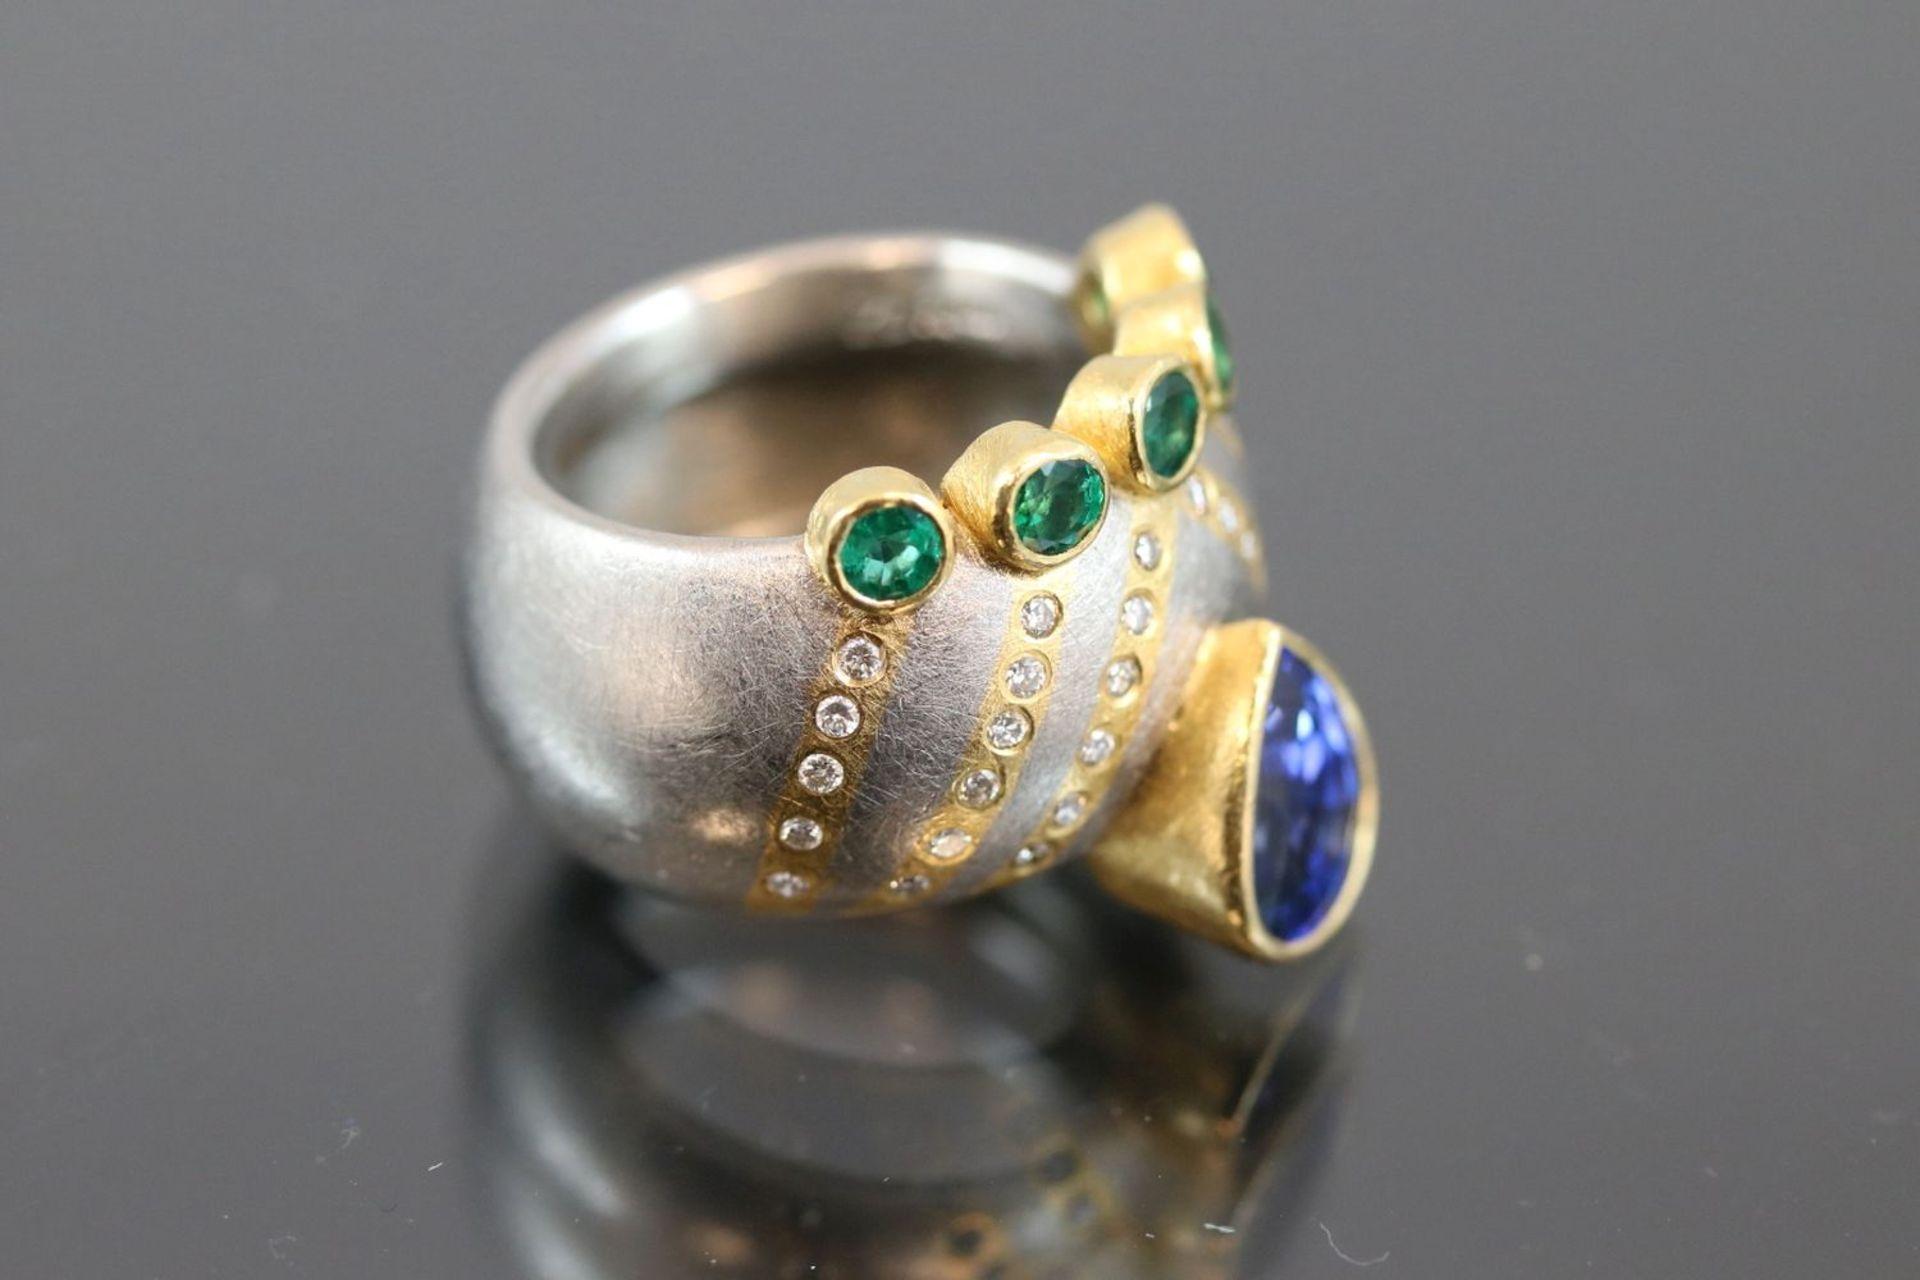 Los 49 - Zobel-Saphir-Smaragd-Brillant-Ring, 950 PD/Gold20.8 Gramm 34 Brillanten, 0,34 ct., w/si.